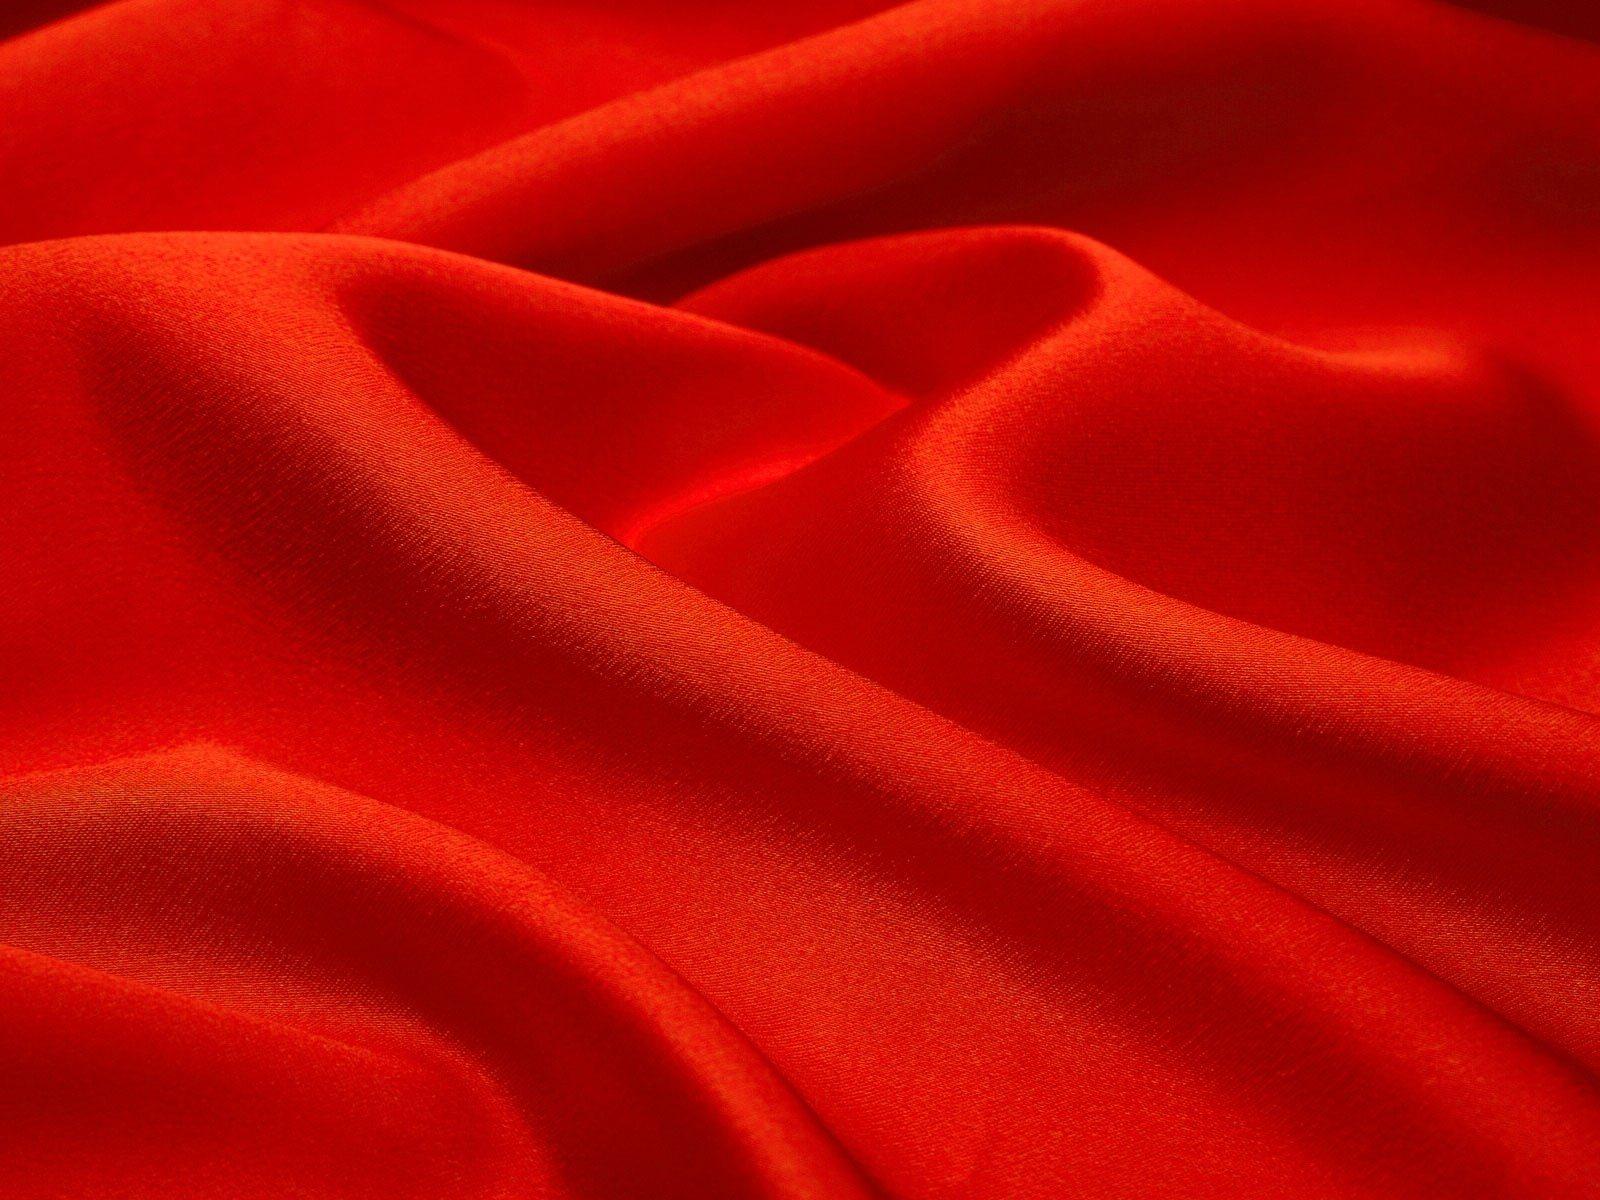 Dark Red Silk Fabric Texture